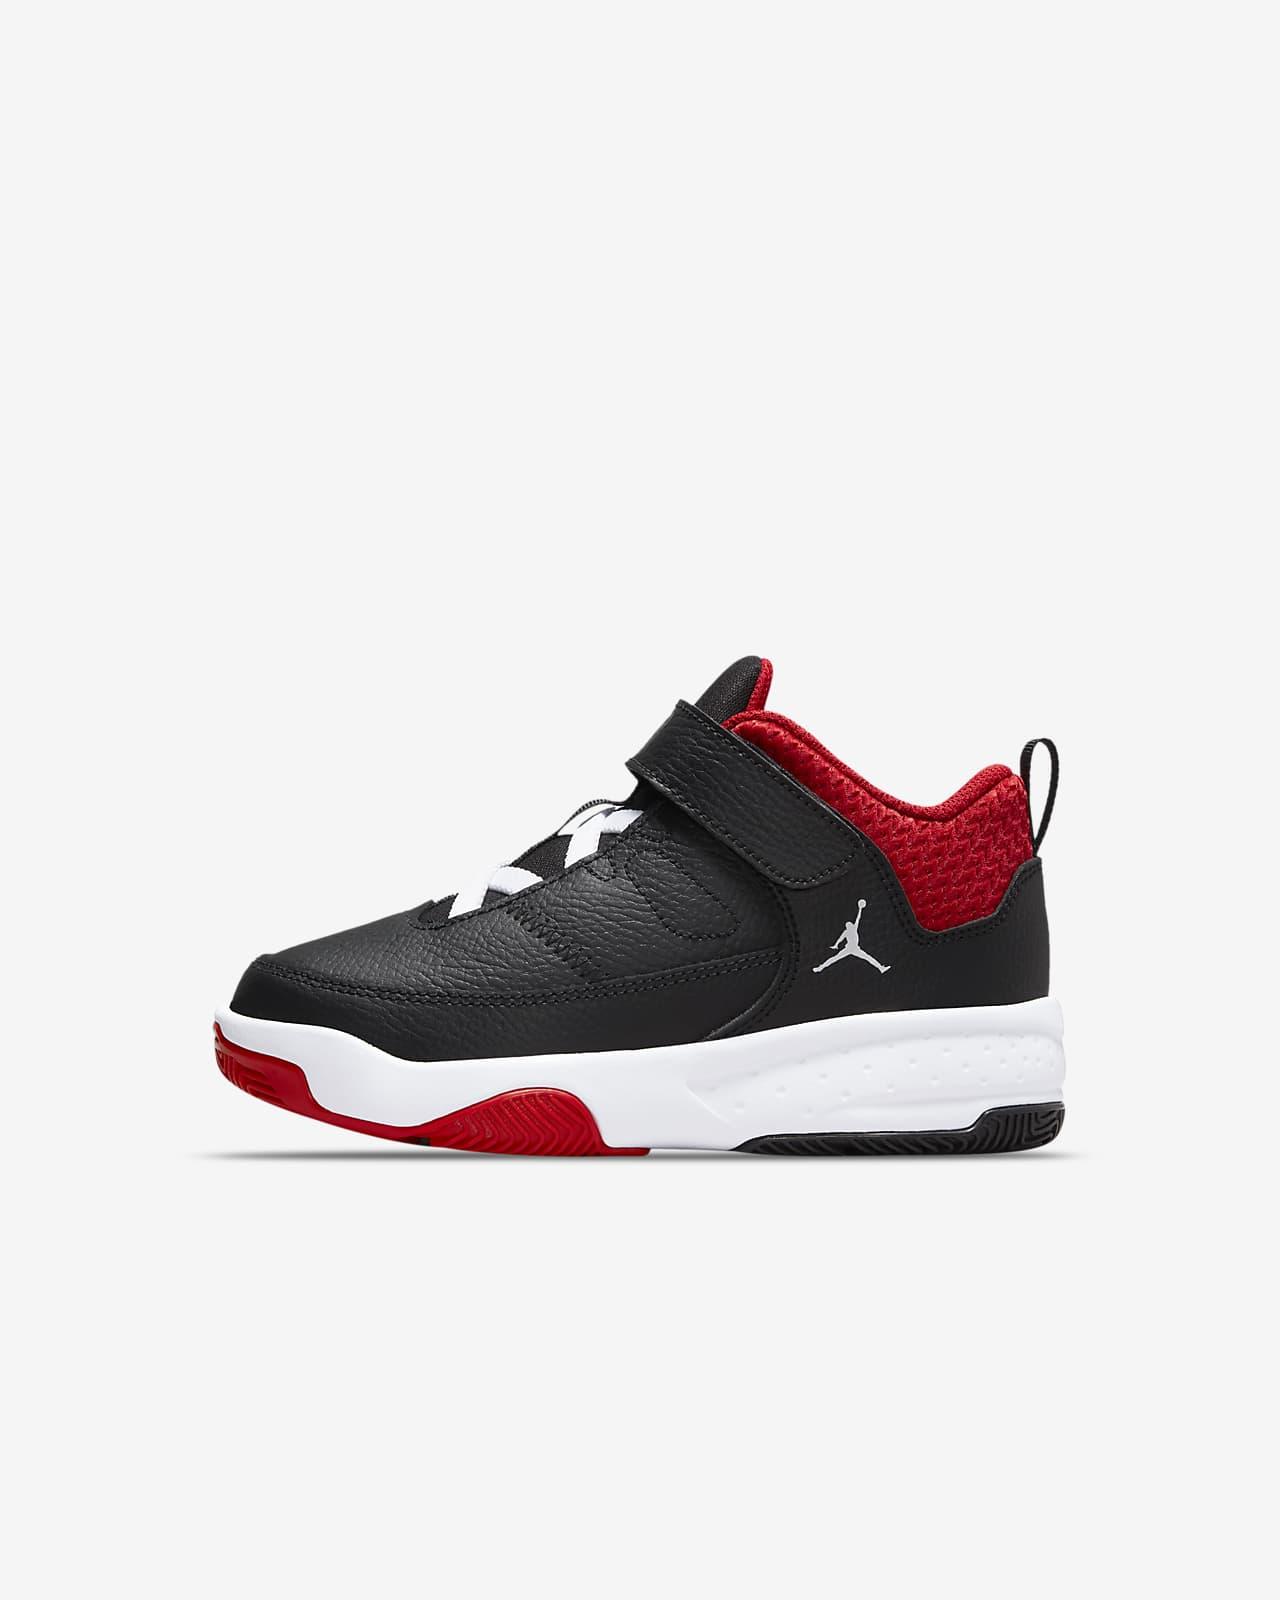 Chaussure Jordan Max Aura 3 pour Jeune enfant. Nike LU